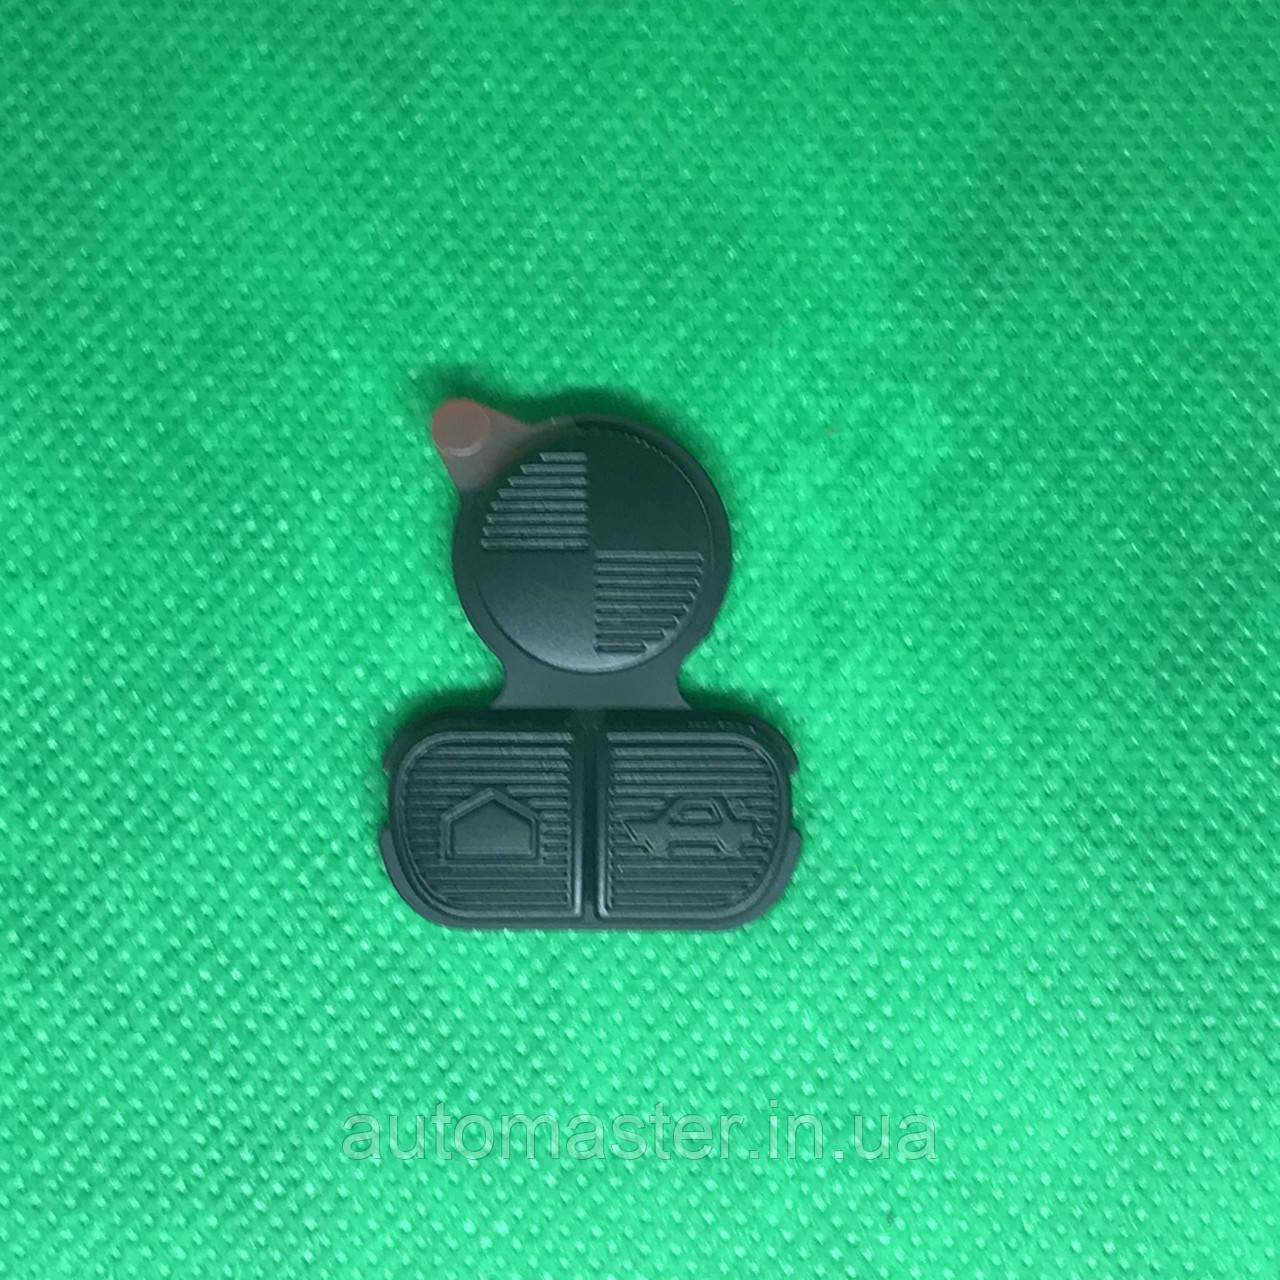 Кнопки авто ключа для BMW E38, Е39, Е46 (БМВ) 3 кнопки